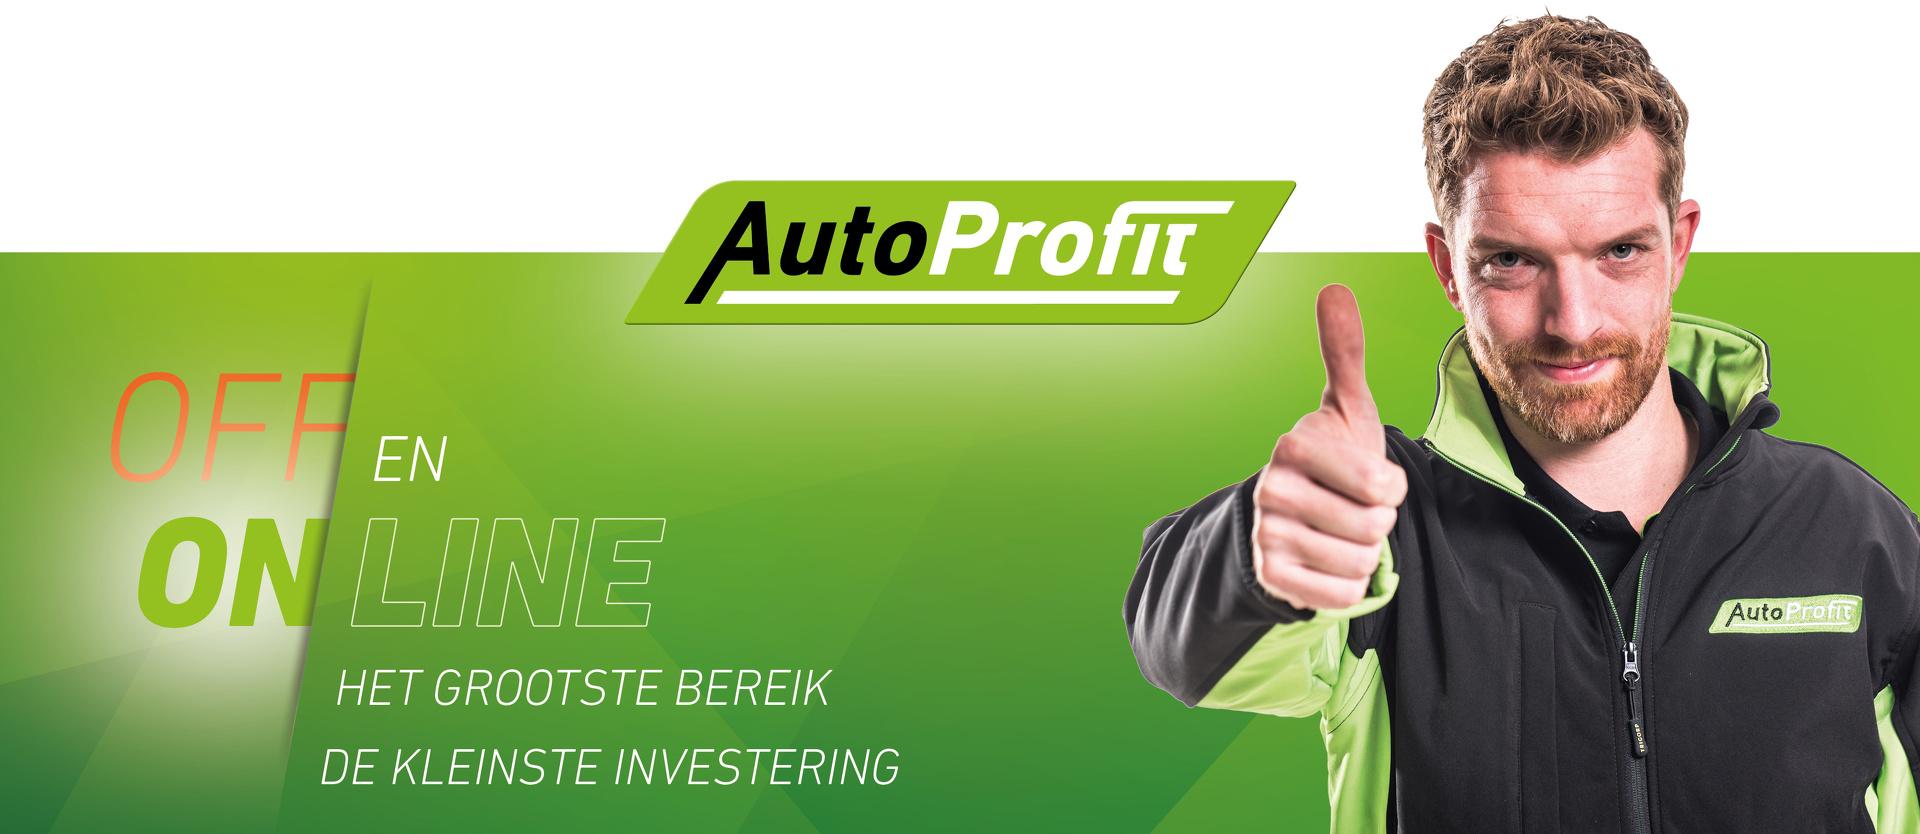 Zelf-Autoprofijt-worden-VL.jpg